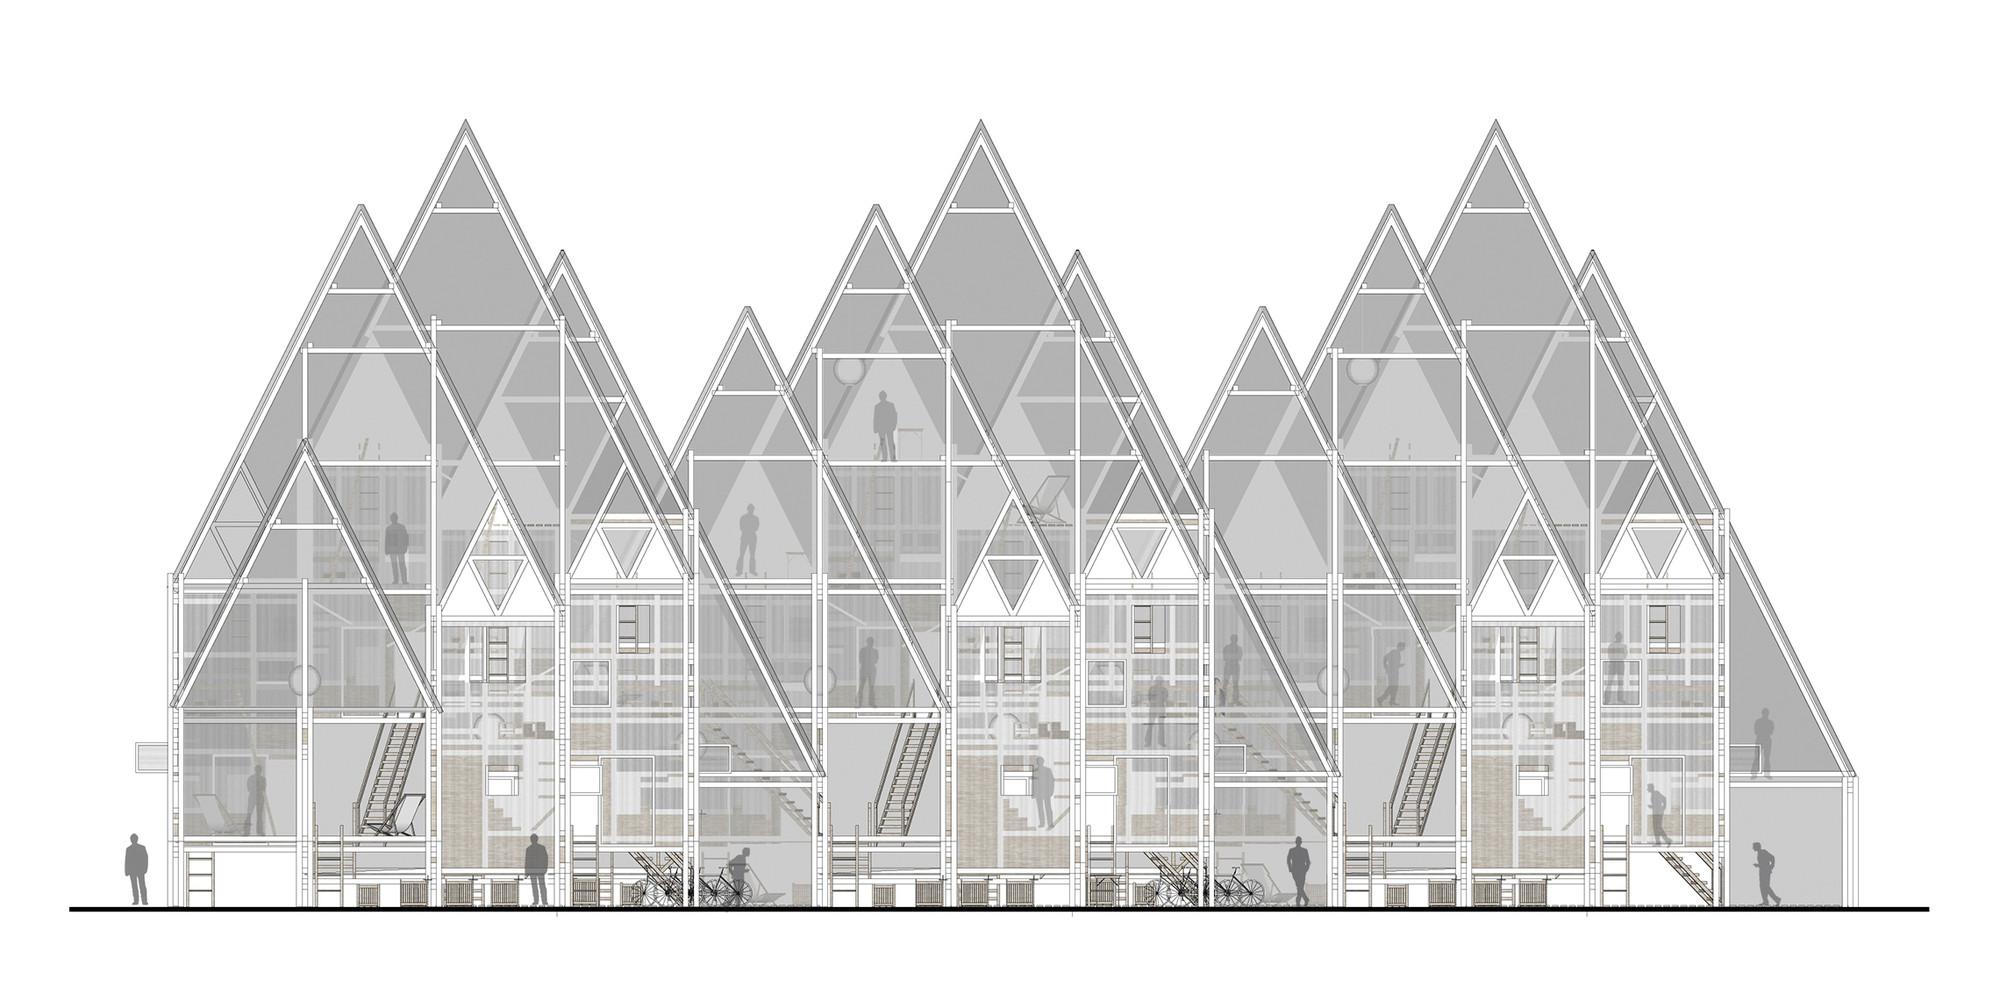 RVPE / Residencias verticales para estudiantes en Concepción, por República Portátil, Elevación